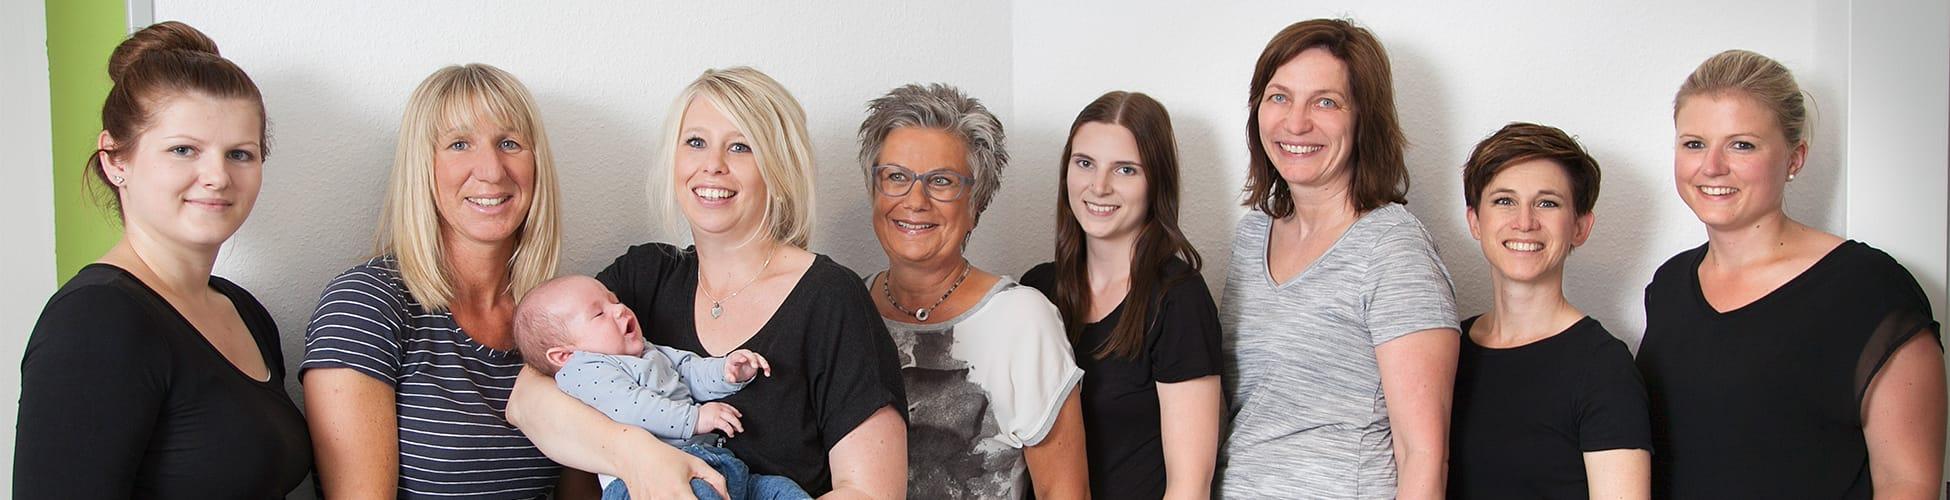 Hier sehen Sie ein Gruppenfoto des Teams der Frauenarztpraxis von Frau Dr. Berlinghoff in Lüdinghausen.